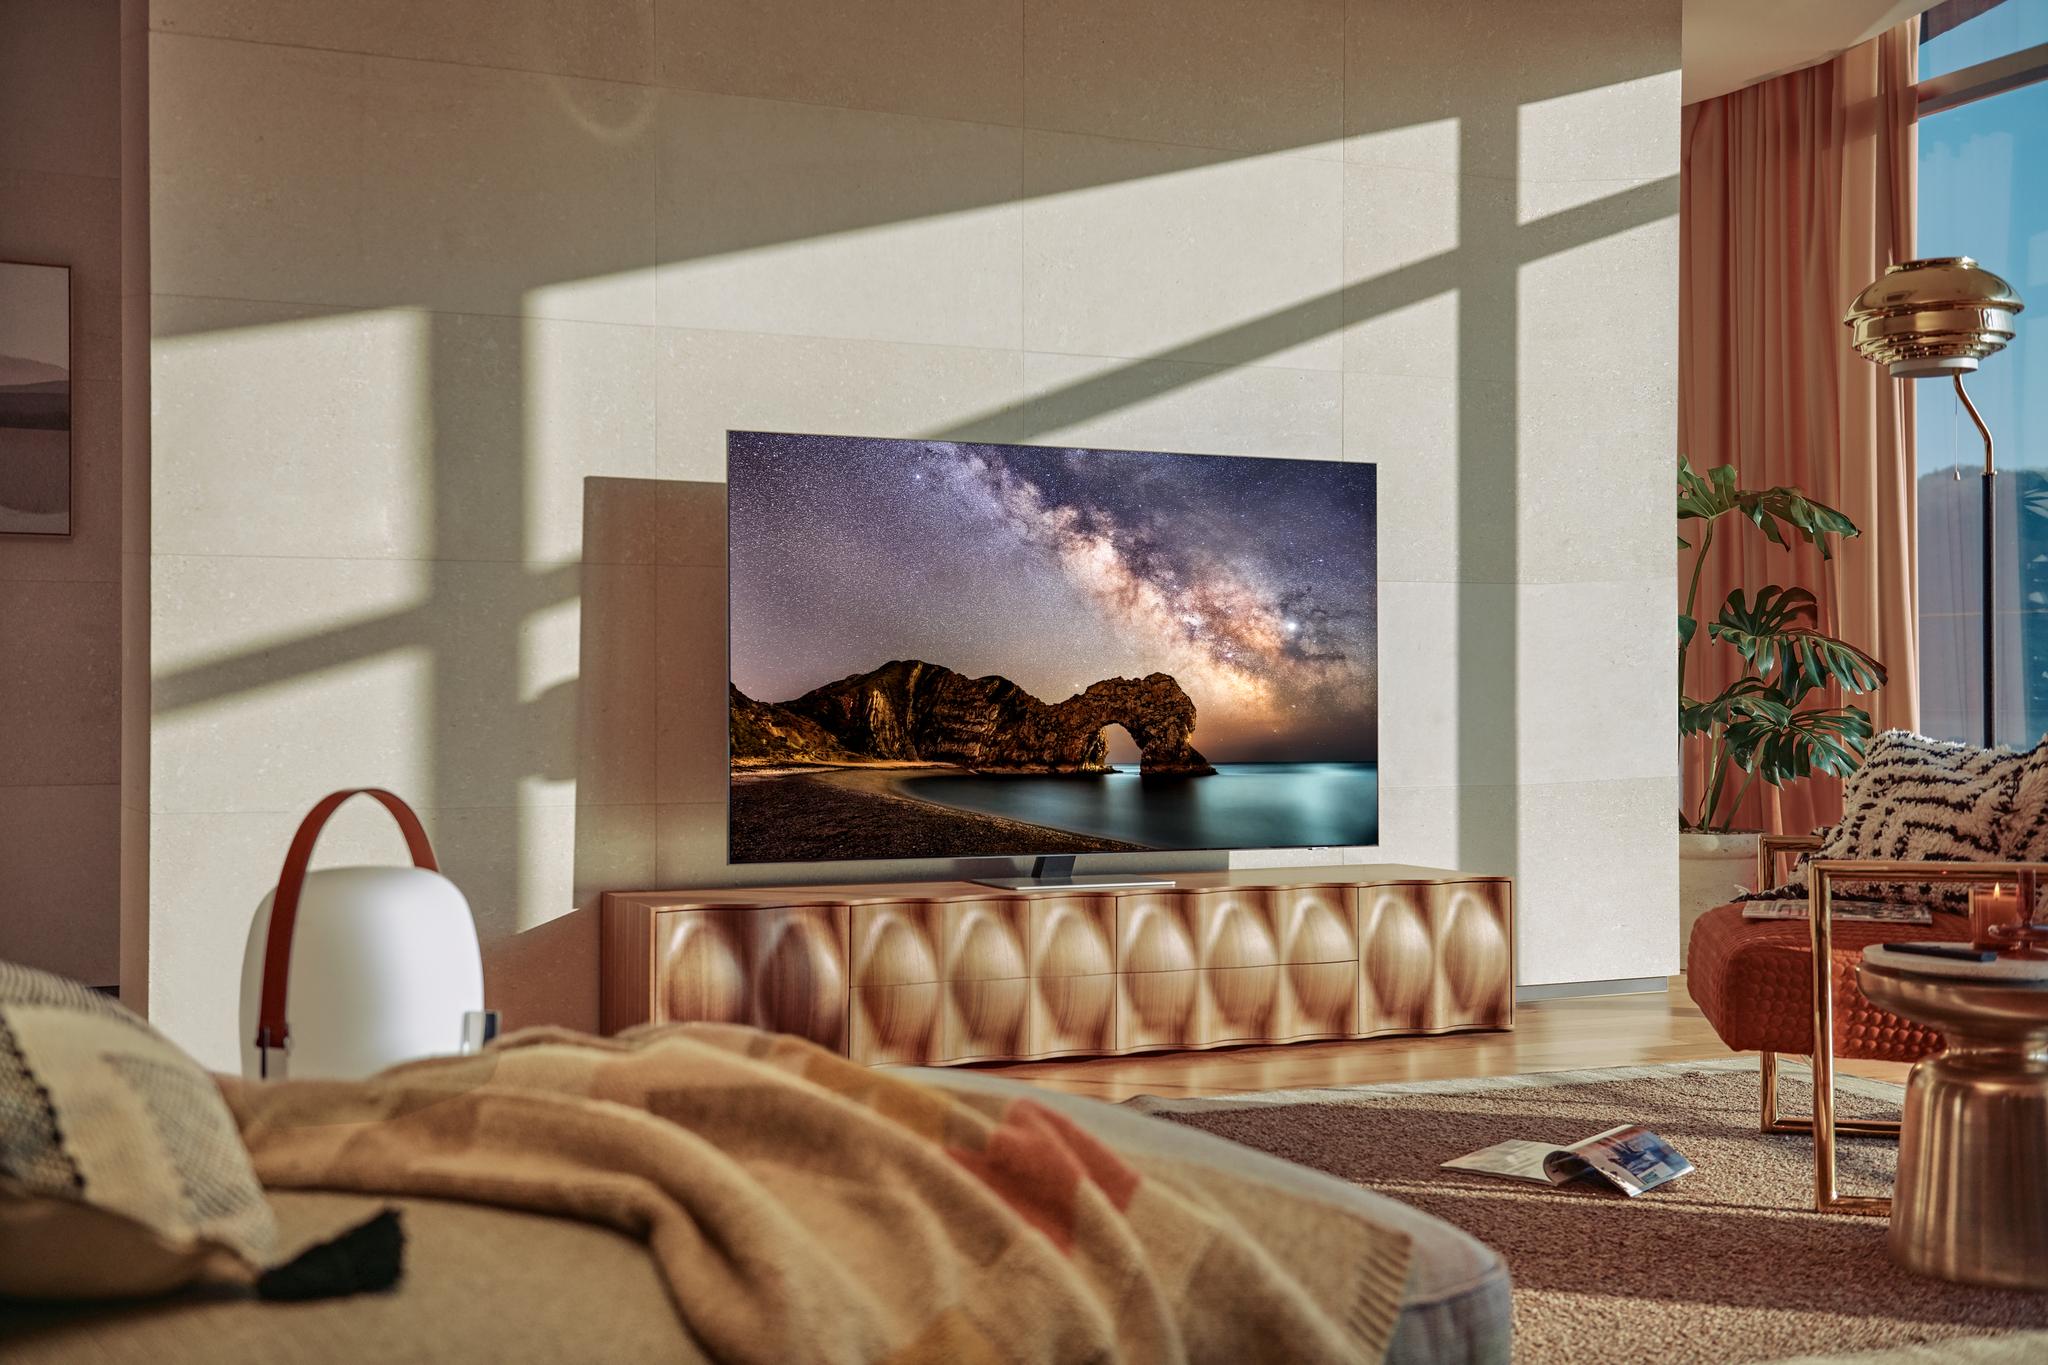 Samsung Outdoor Smart TVs